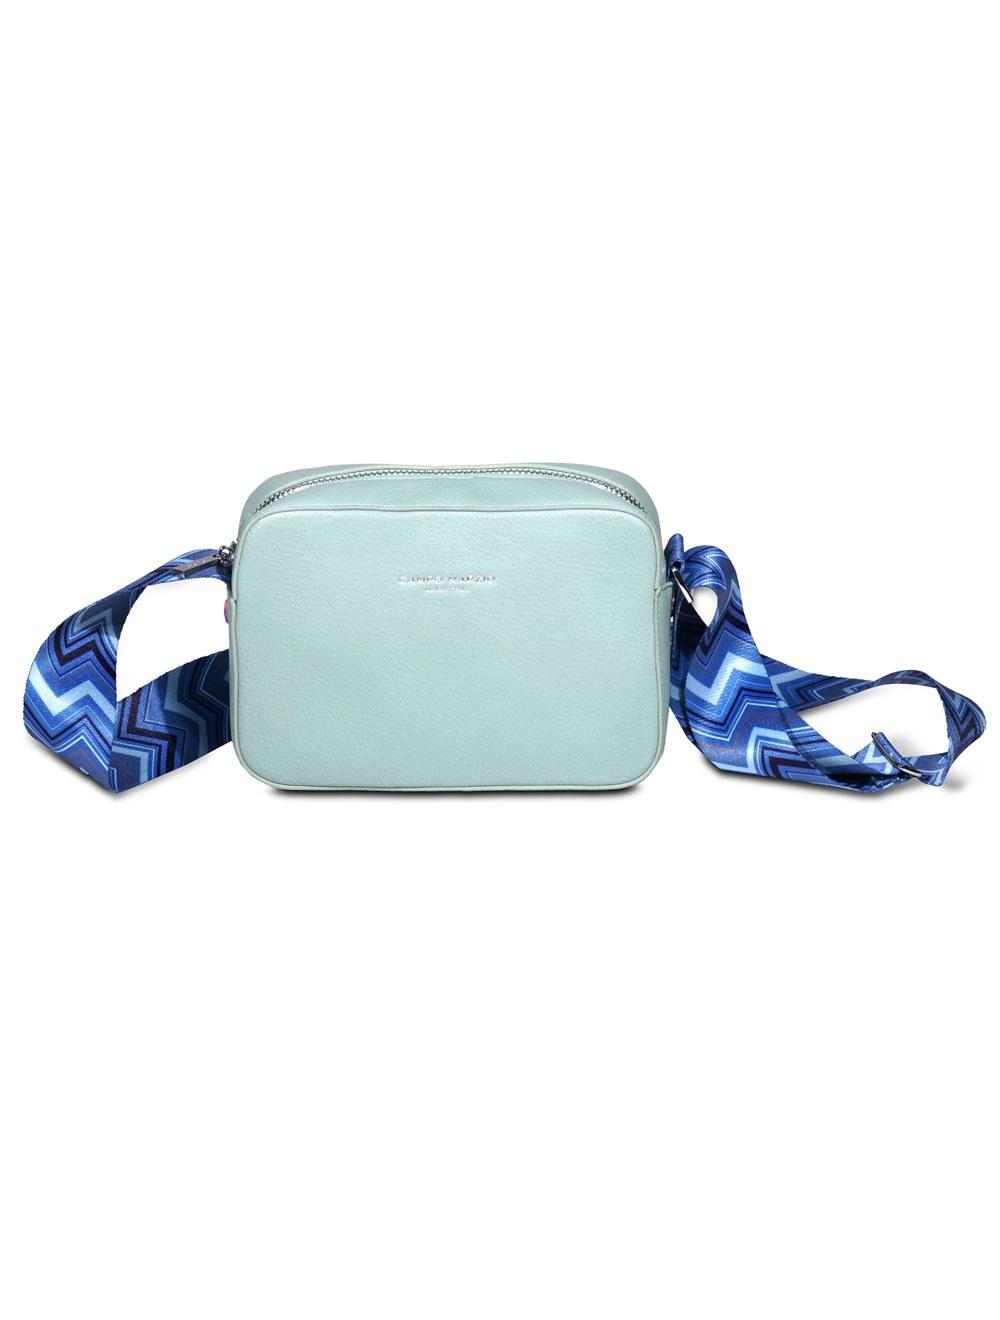 Anouk Mini Bag - Mint